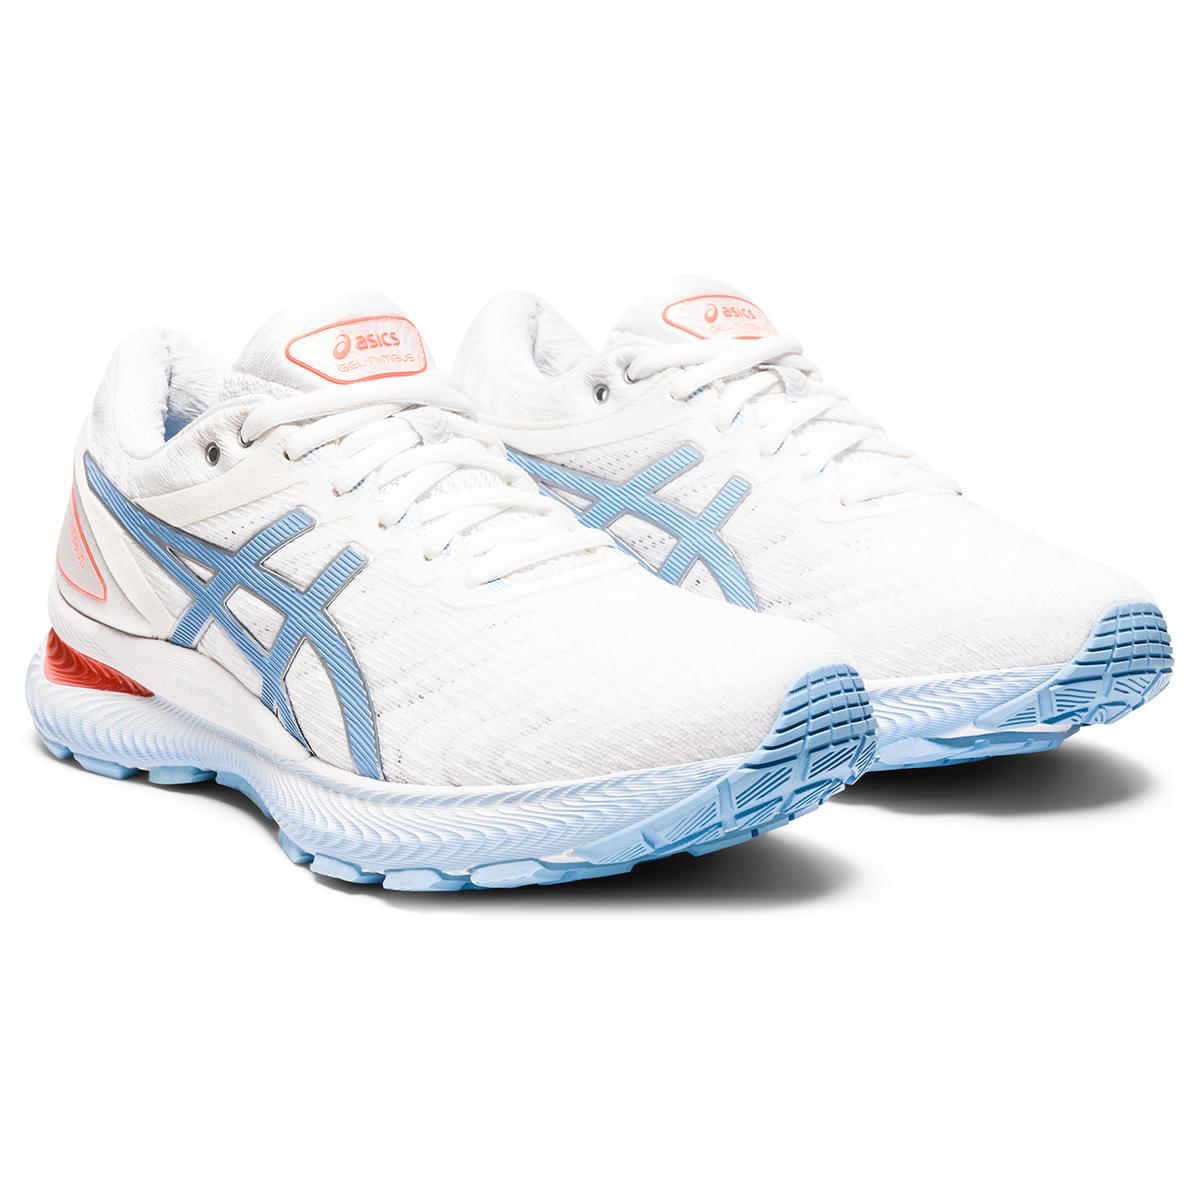 Women's Asics Gel-Nimbus 22 Running Shoe - Color: White/Blue Bliss - Size: 5 - Width: Regular, White/Blue Bliss, large, image 4